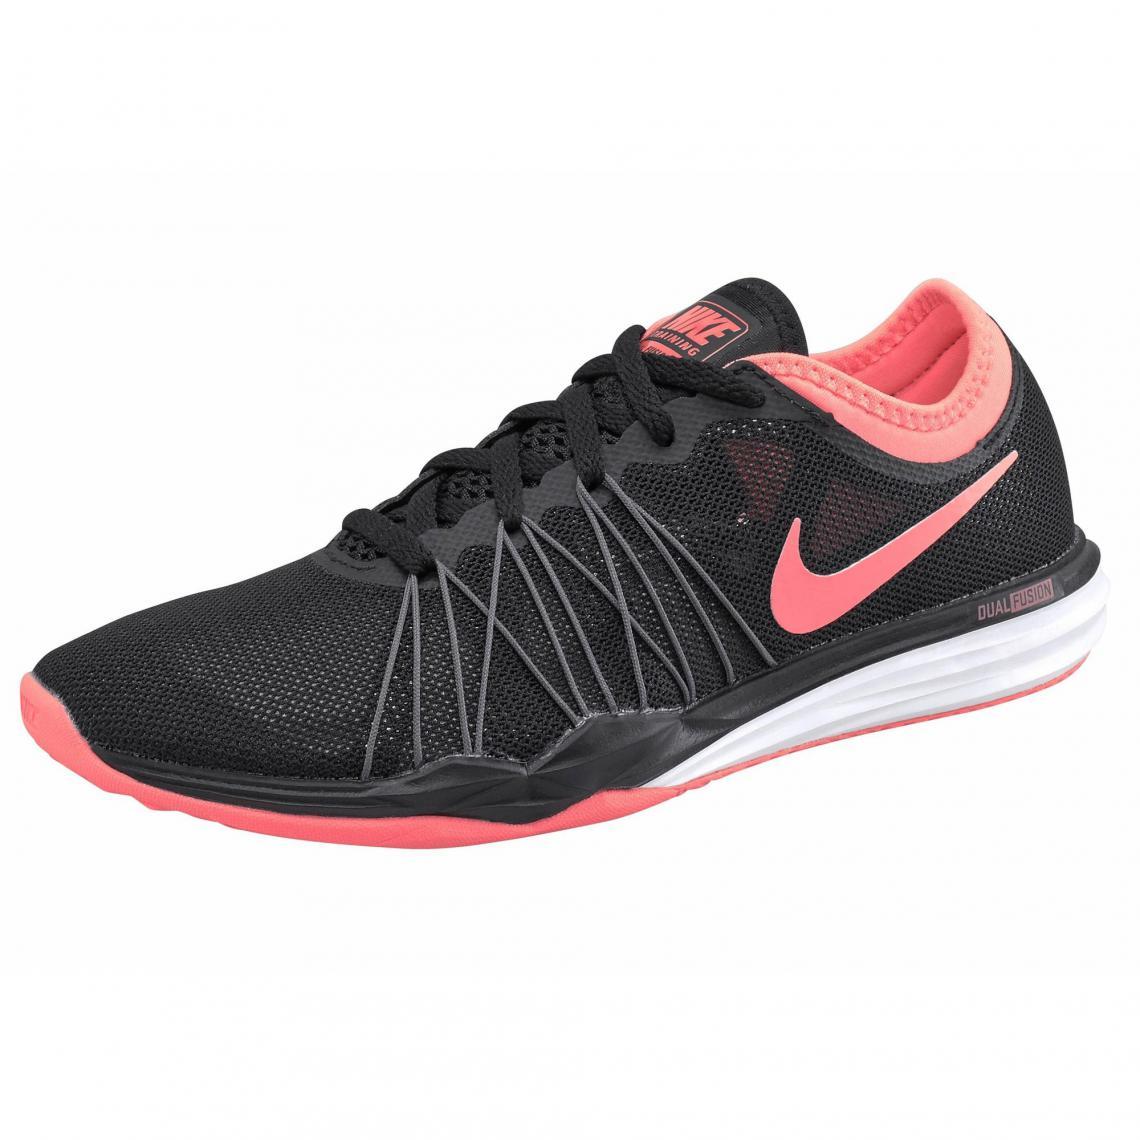 Chaussures de sport Nike Fitness Dual Fusion TR Hit Wmns femme - Noir Nike  Femme c9e0fc5ae1f